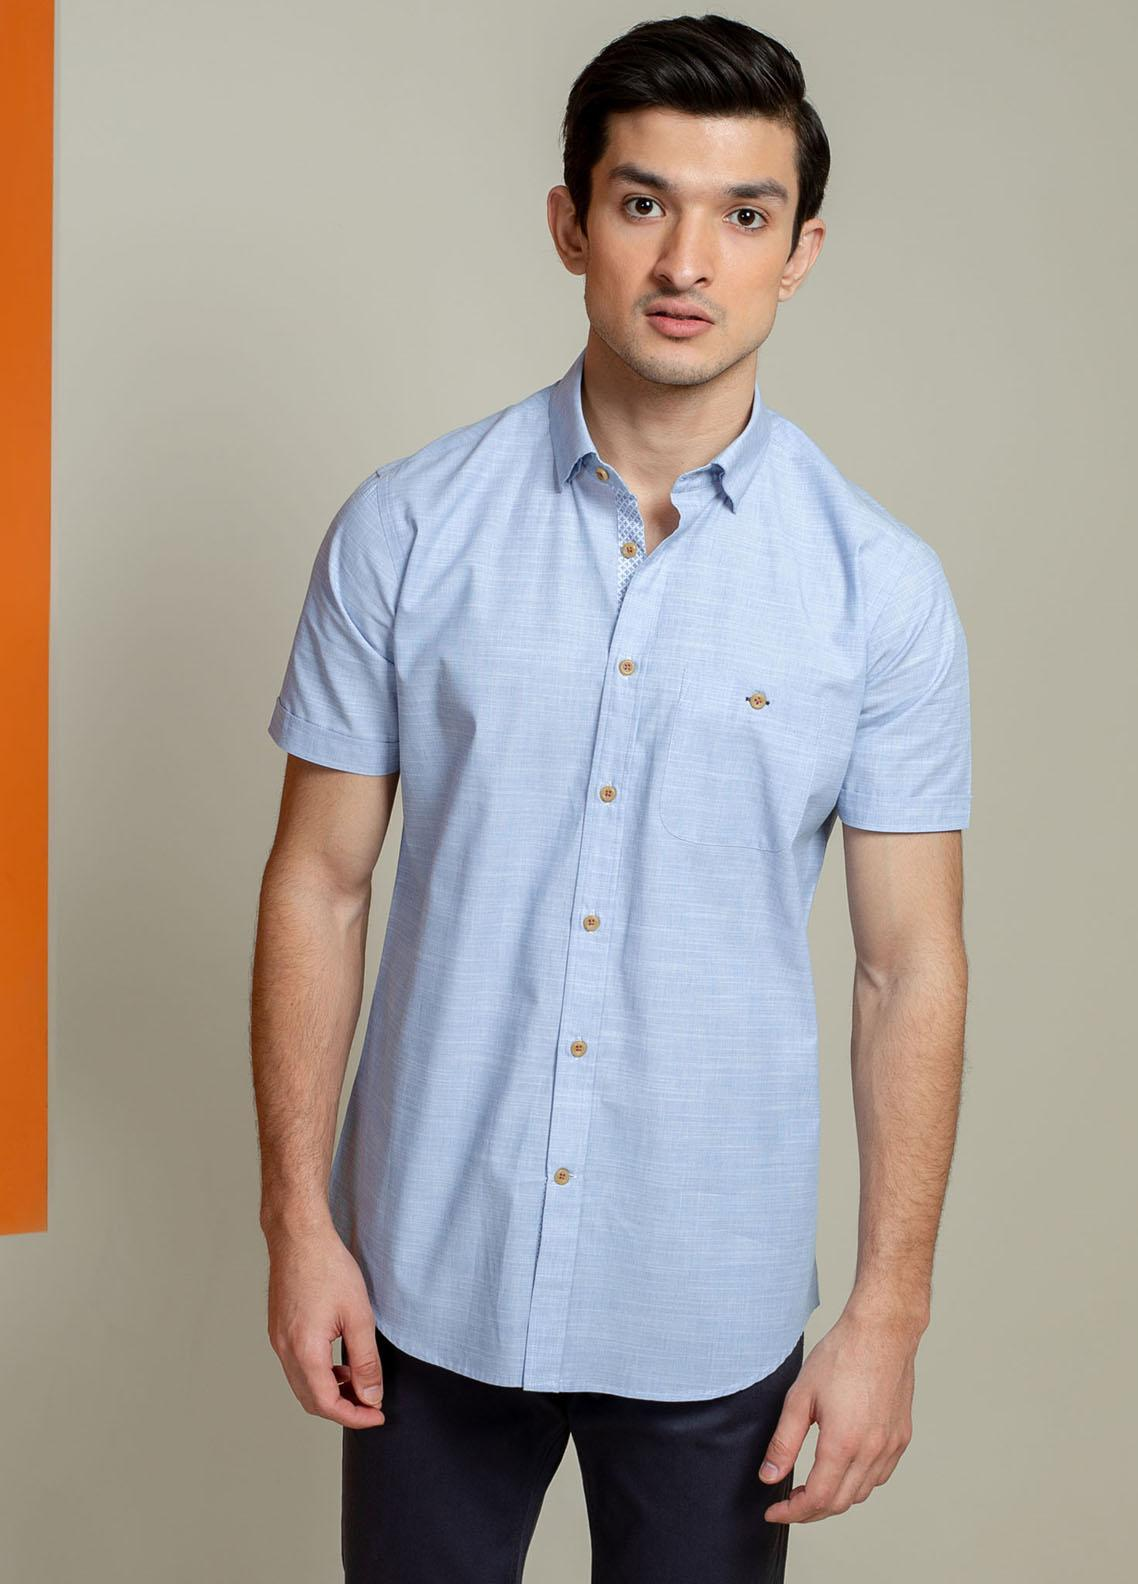 Brumano Cotton Half Sleeves Casual Men Shirts -  BM21SH Blue Slub Textured Blue